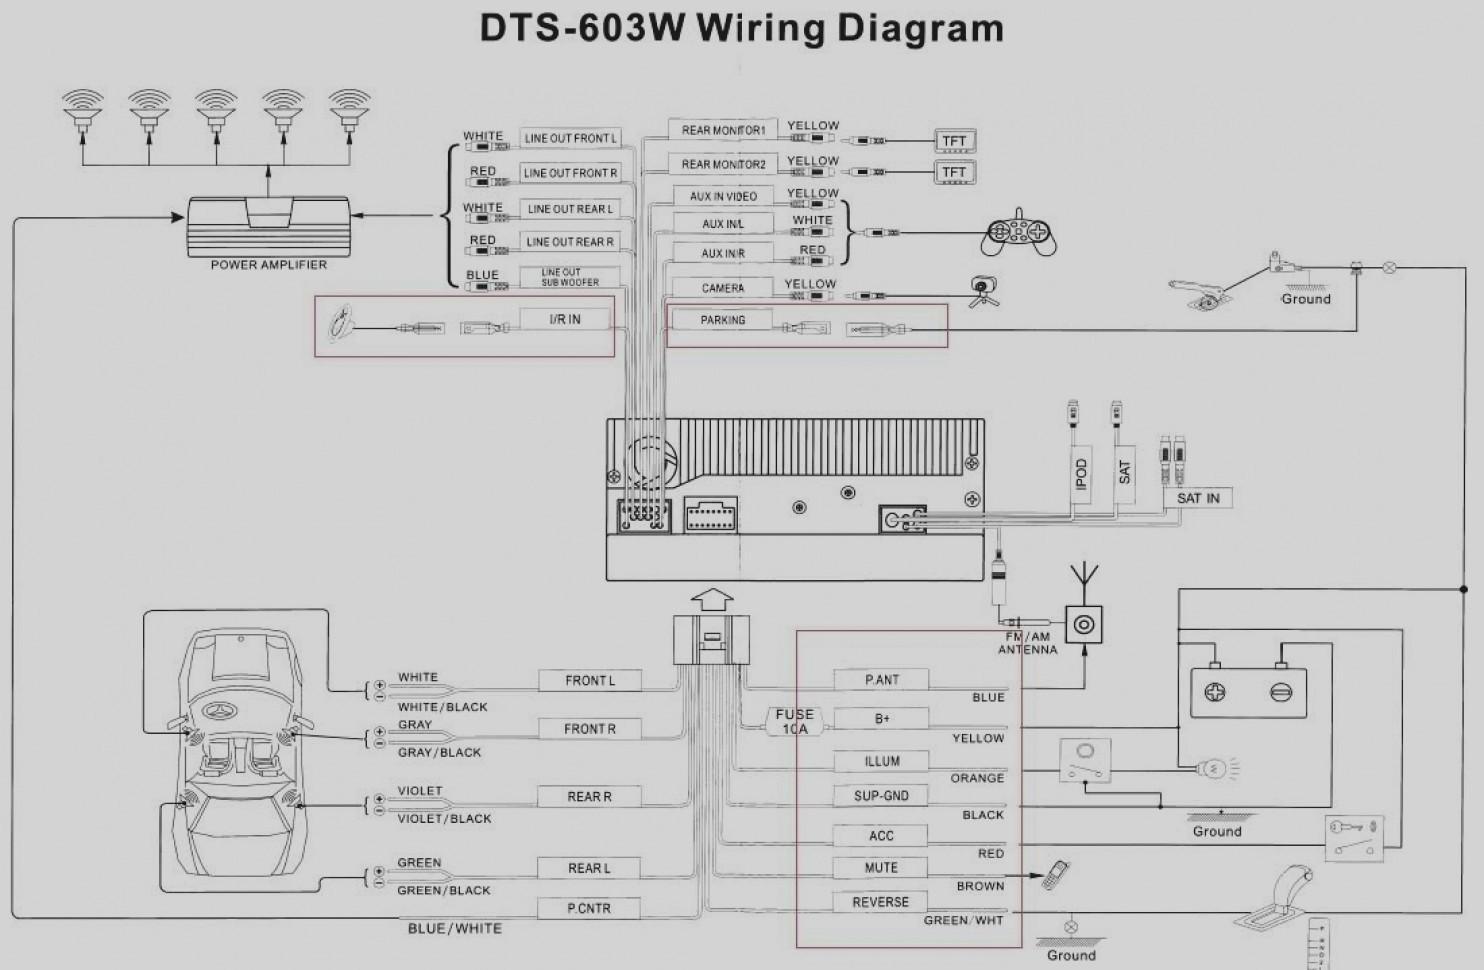 2004 Chevy Trailblazer Wiring Diagram 1990 Jeep Wrangler Wiring Schematic Fisher Wire Losdol2 Jeanjaures37 Fr